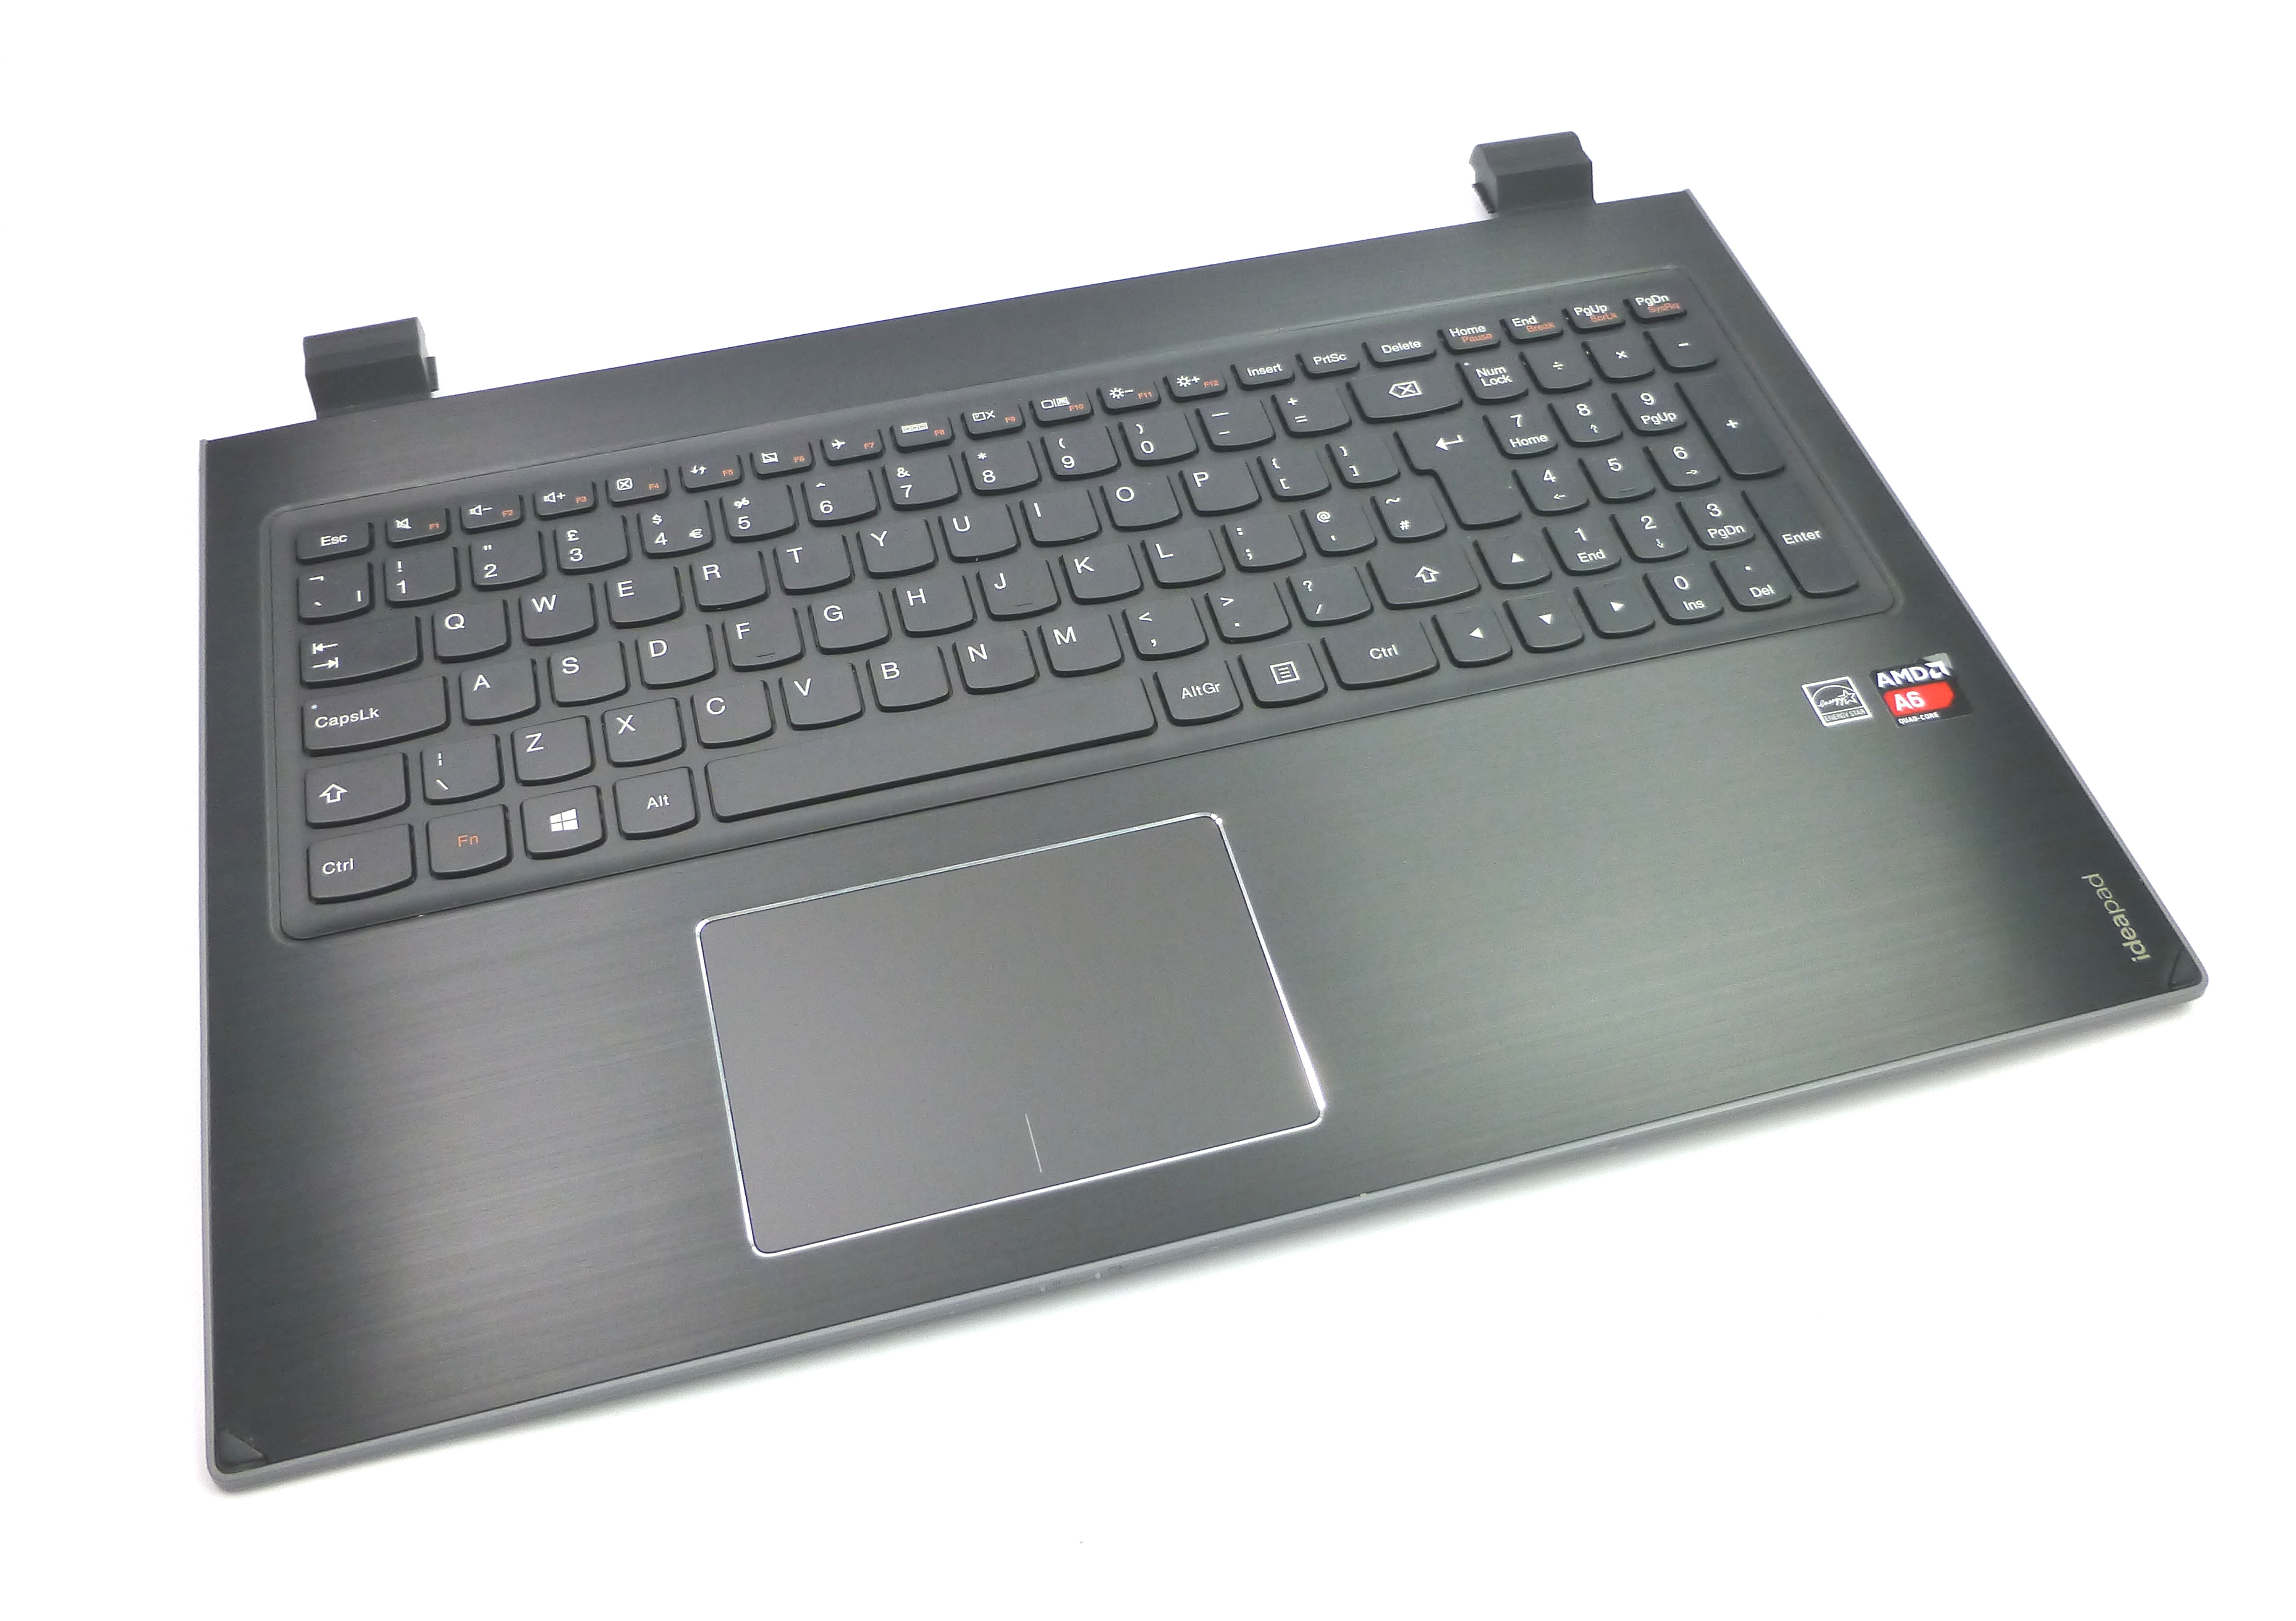 Lenovo IdeaPad Flex 15D 20334 UK Keyboard / Palmrest / Touchpad Assembly